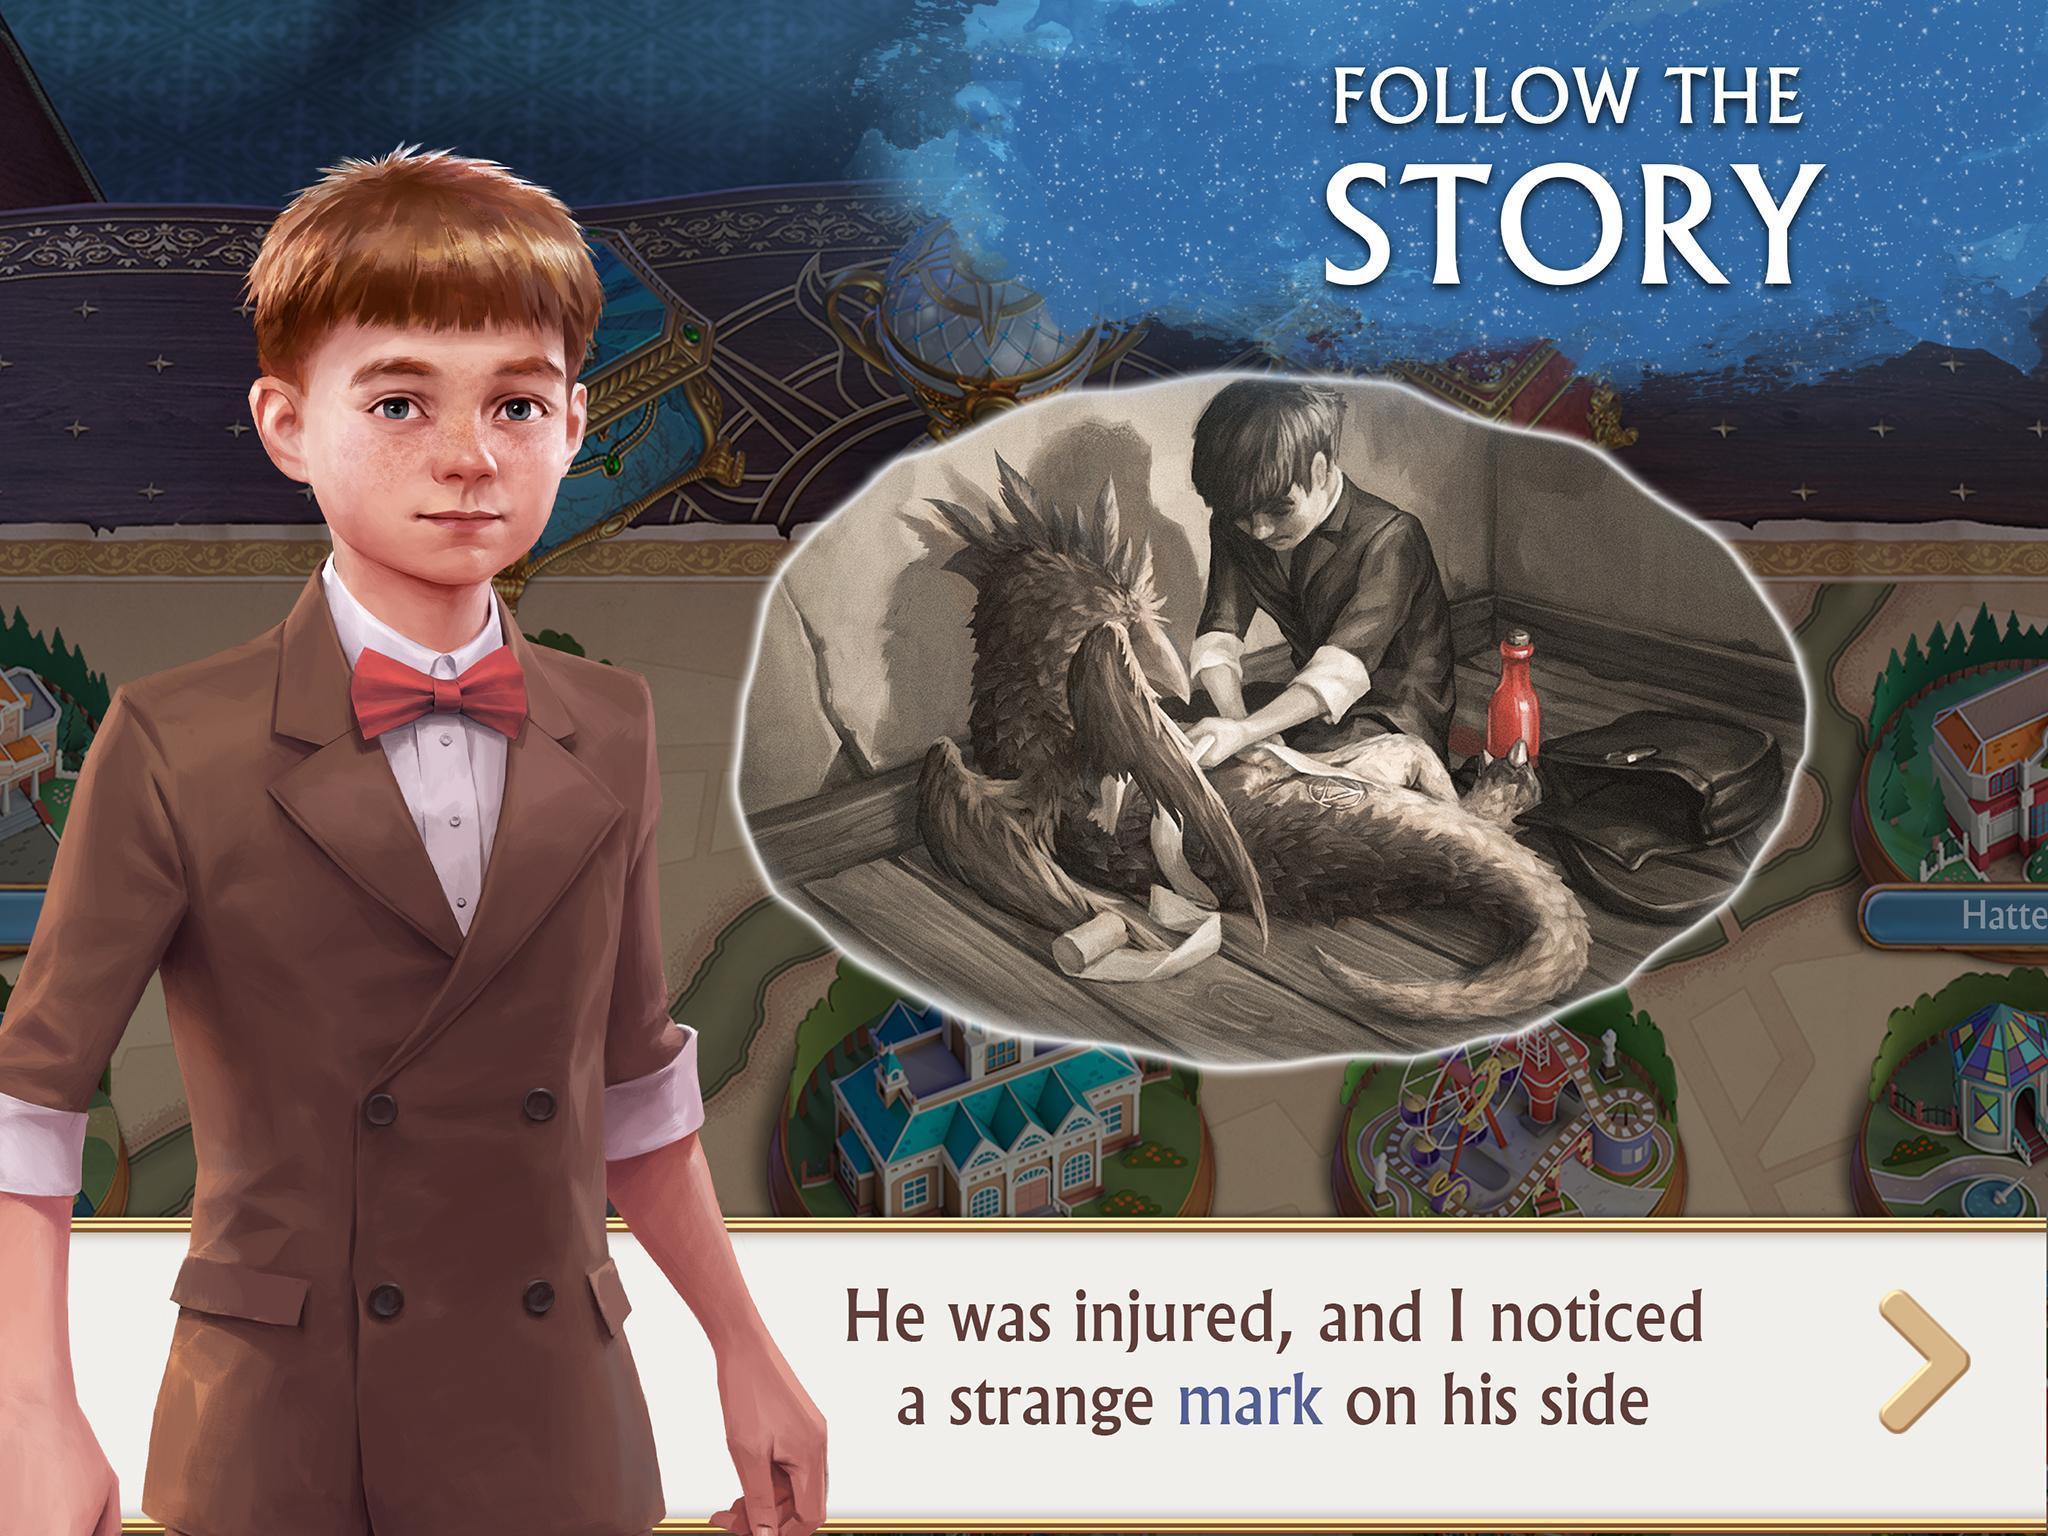 Ravenhill®: Hidden Mystery - Match-3 with a Story 2.21.1 Screenshot 14